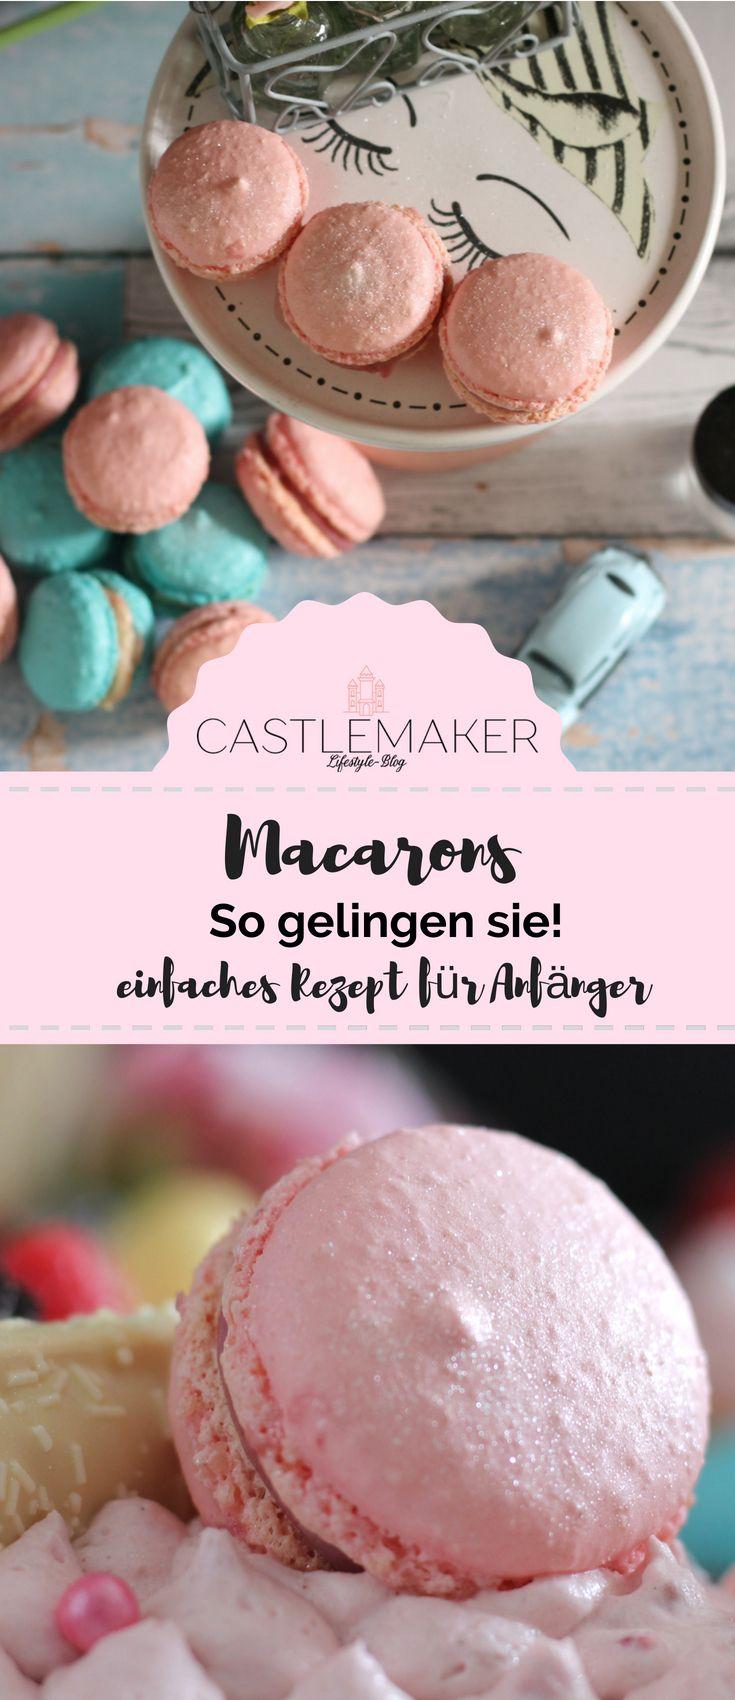 REZEPT Macarons für Anfänger - perfekt für den Number Cake oder die Candy Bar #macaronrecette